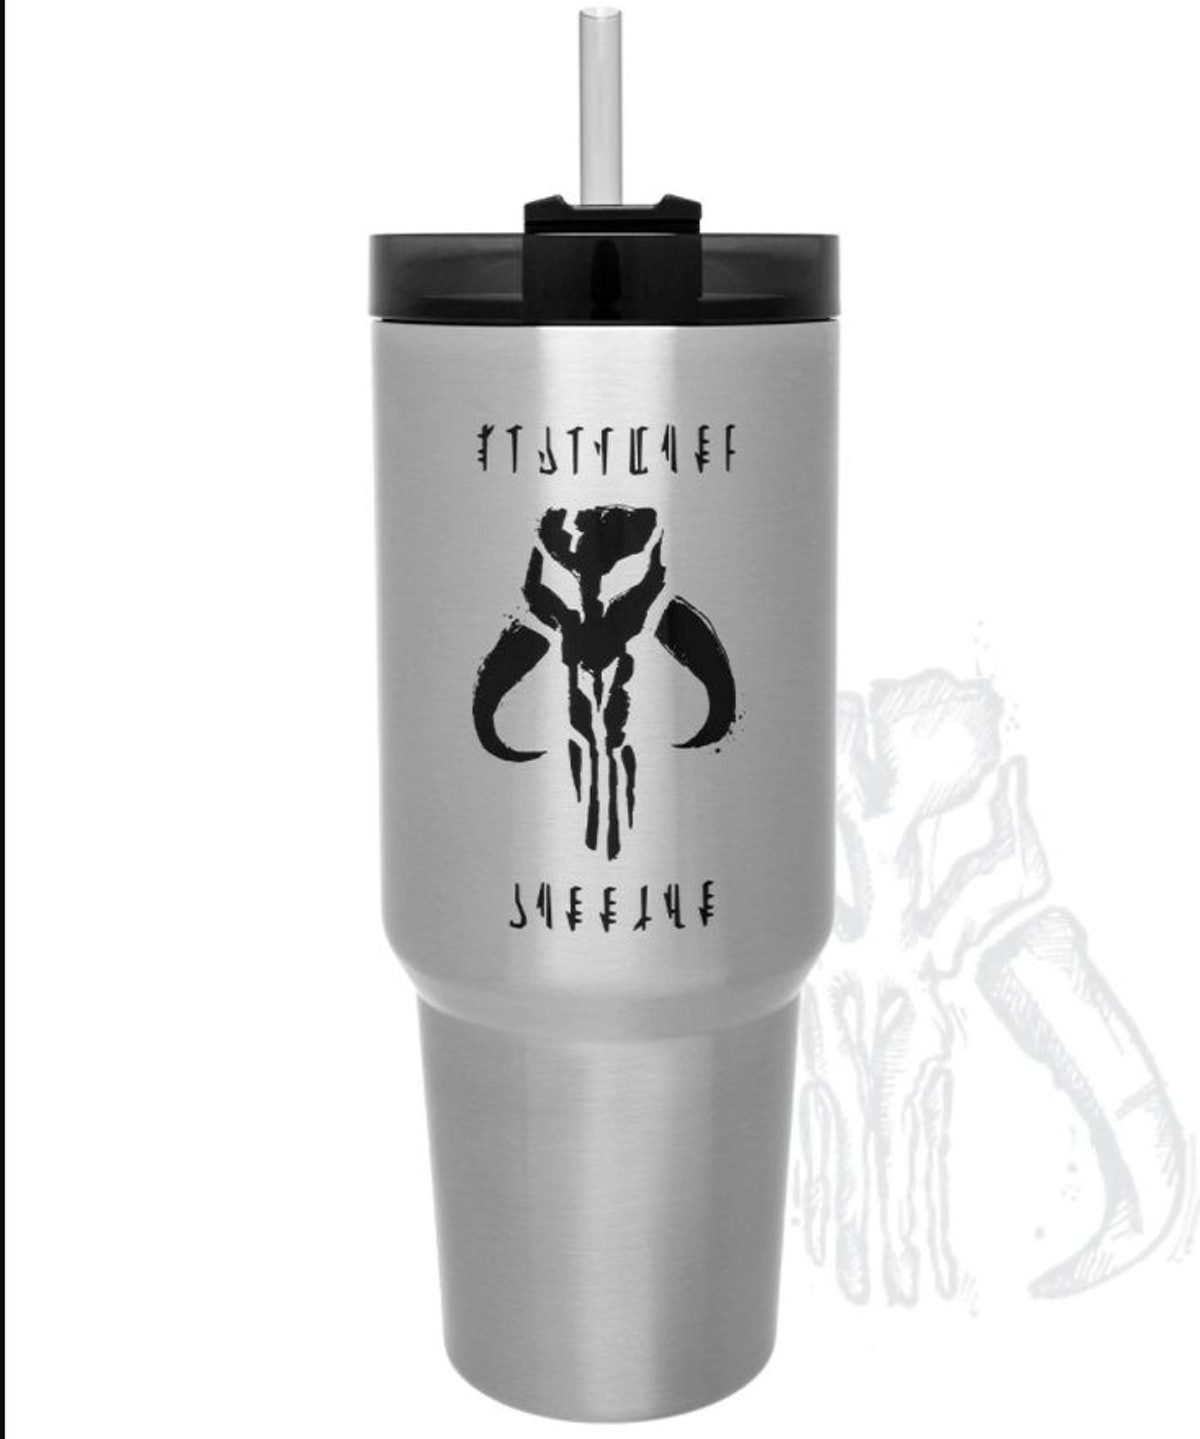 Legendary Warrior Thirst Quencher